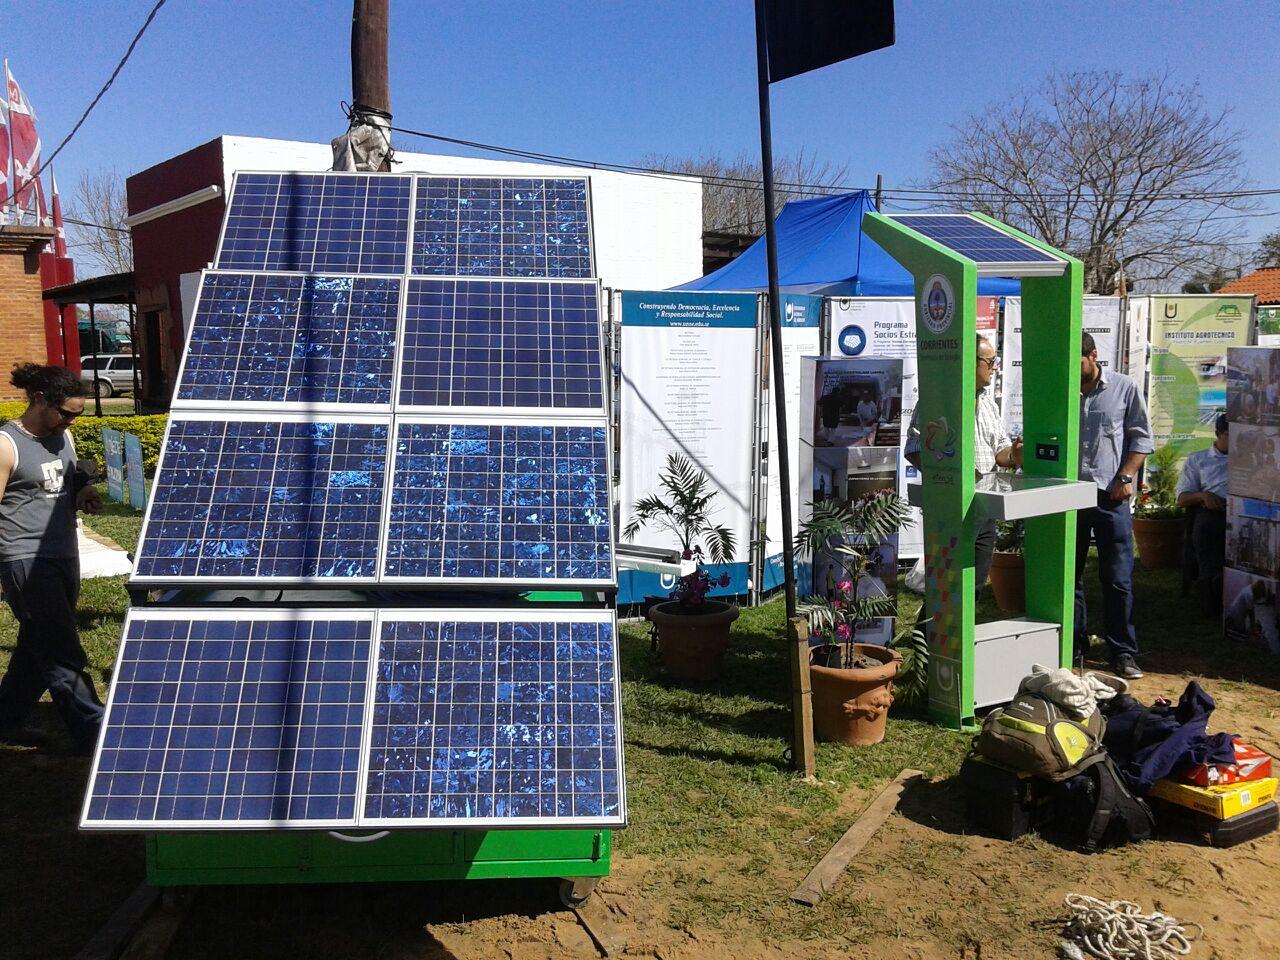 Un novedoso equipo de bombeo fotovoltaico puede impactar en la producción del NEA